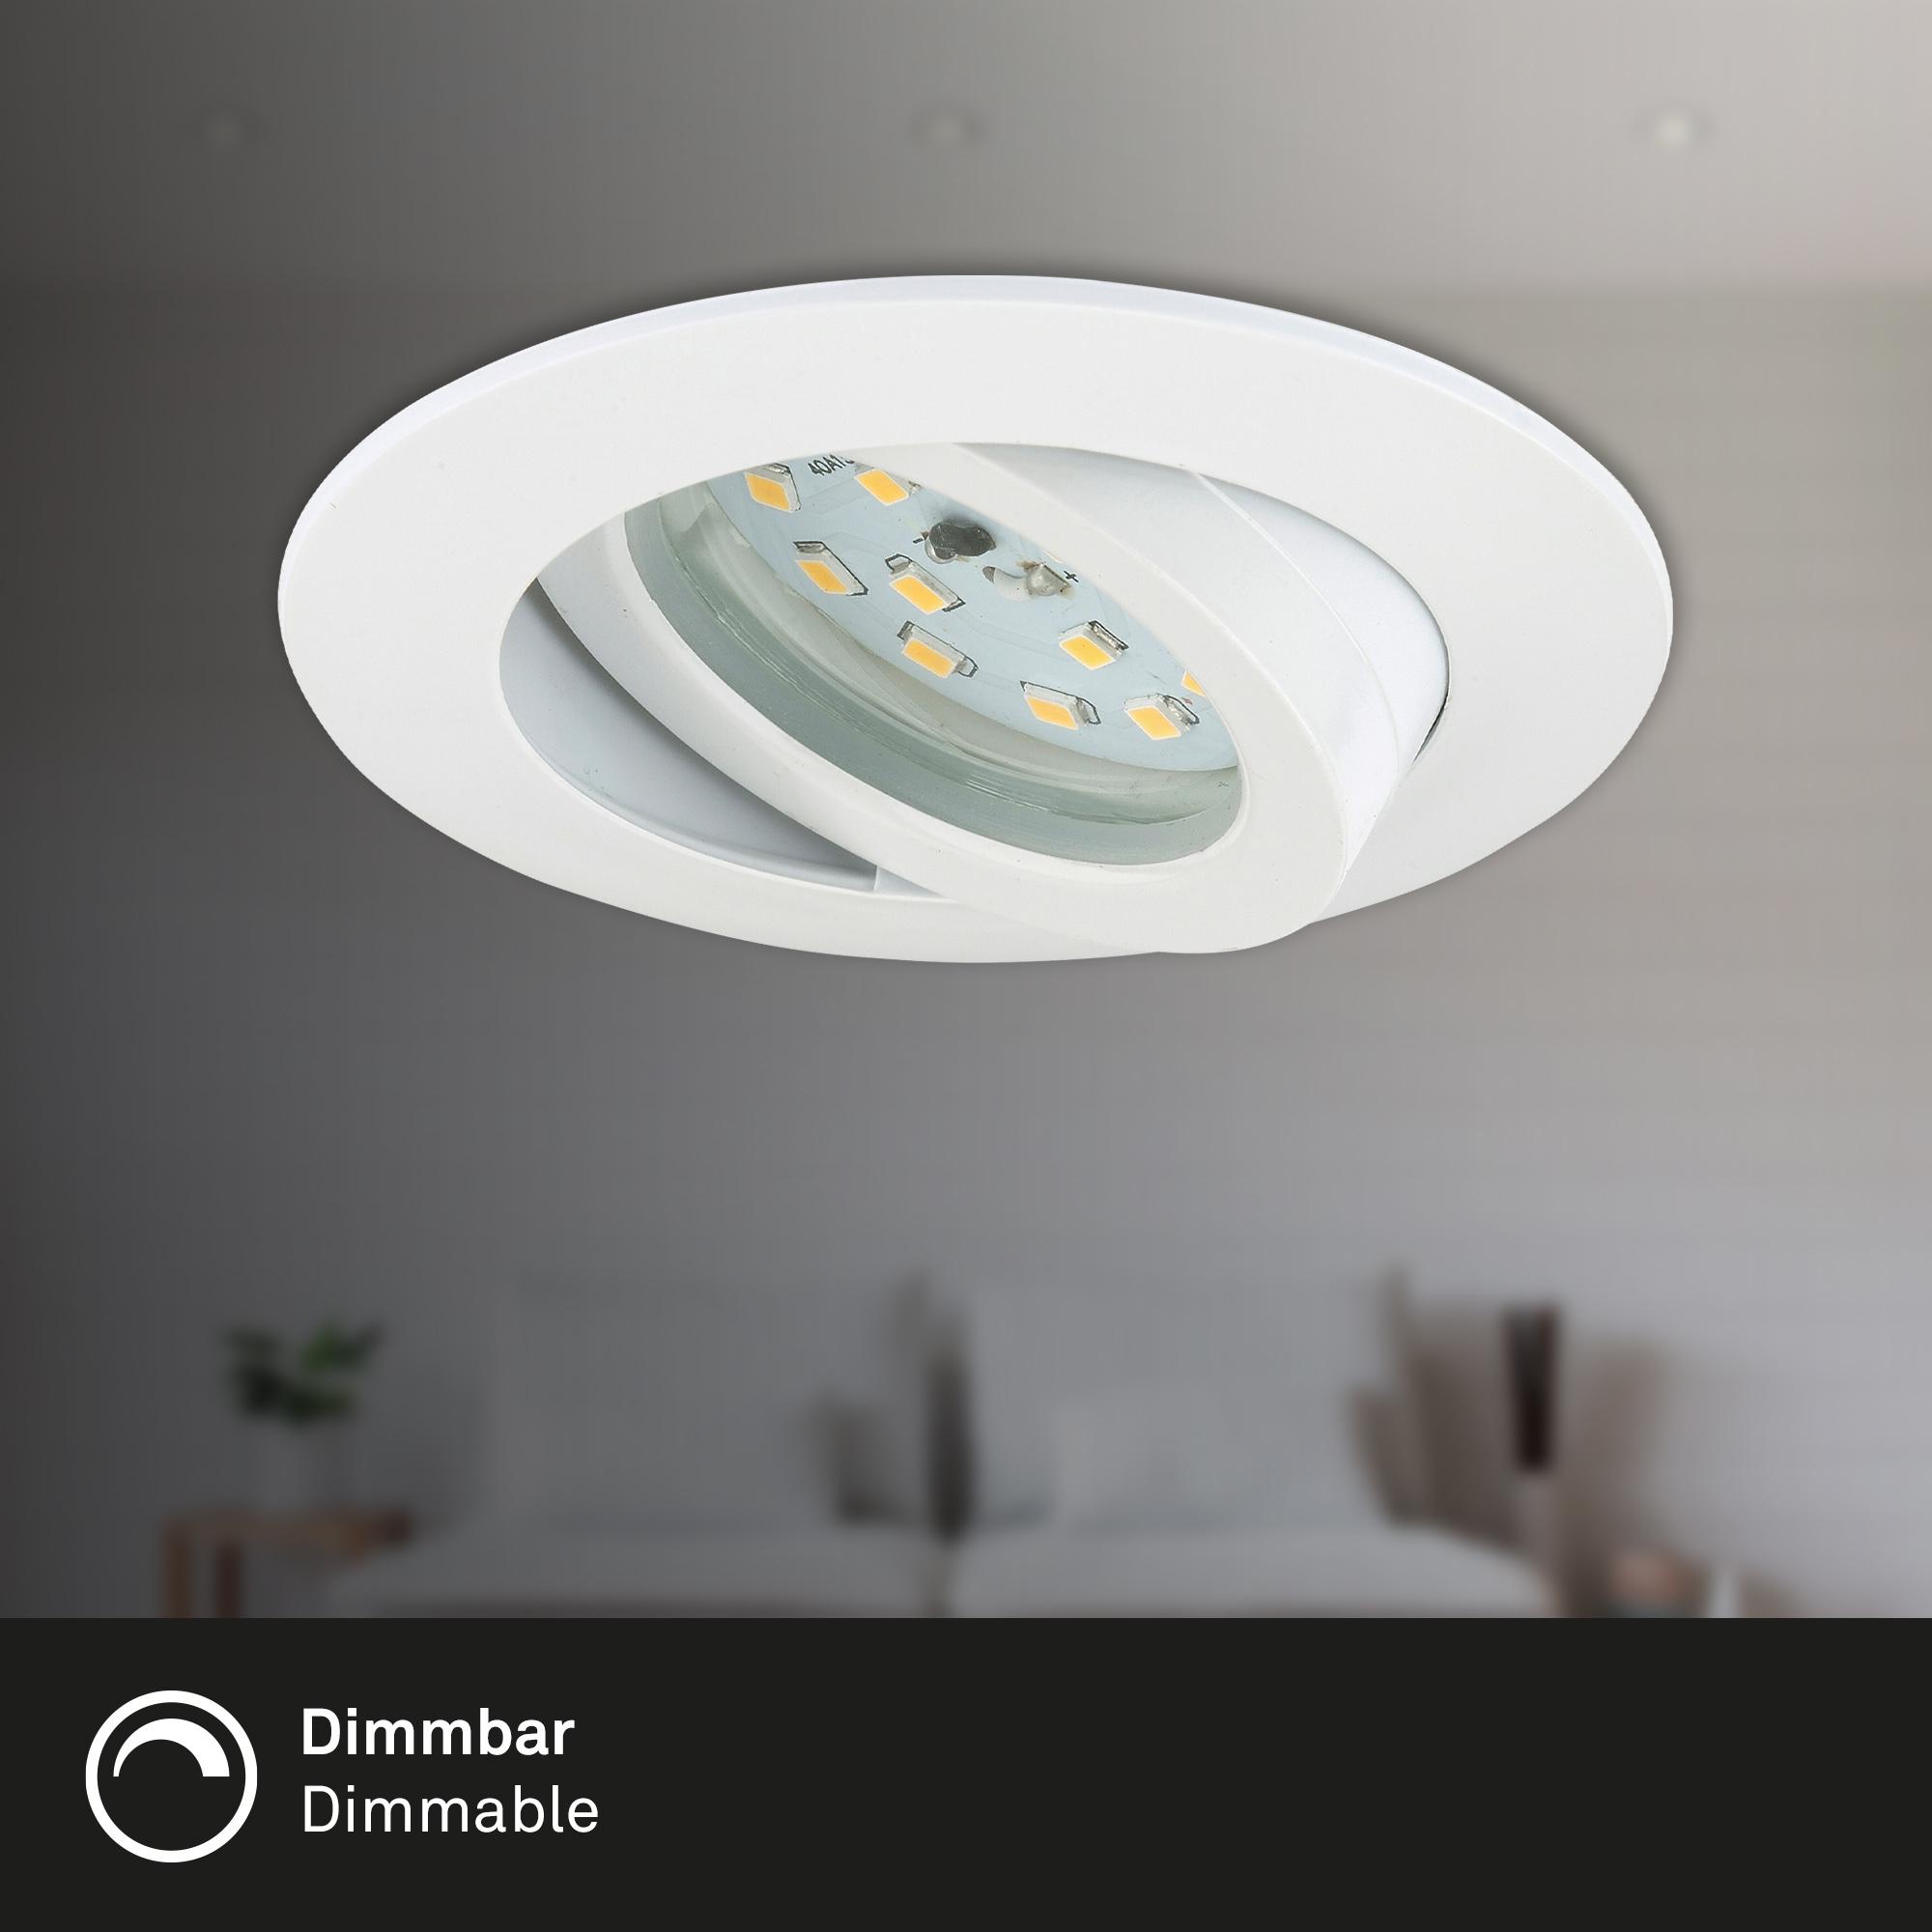 LED Einbauleuchte, Ø 8,2 cm, 5,5 W, Weiß